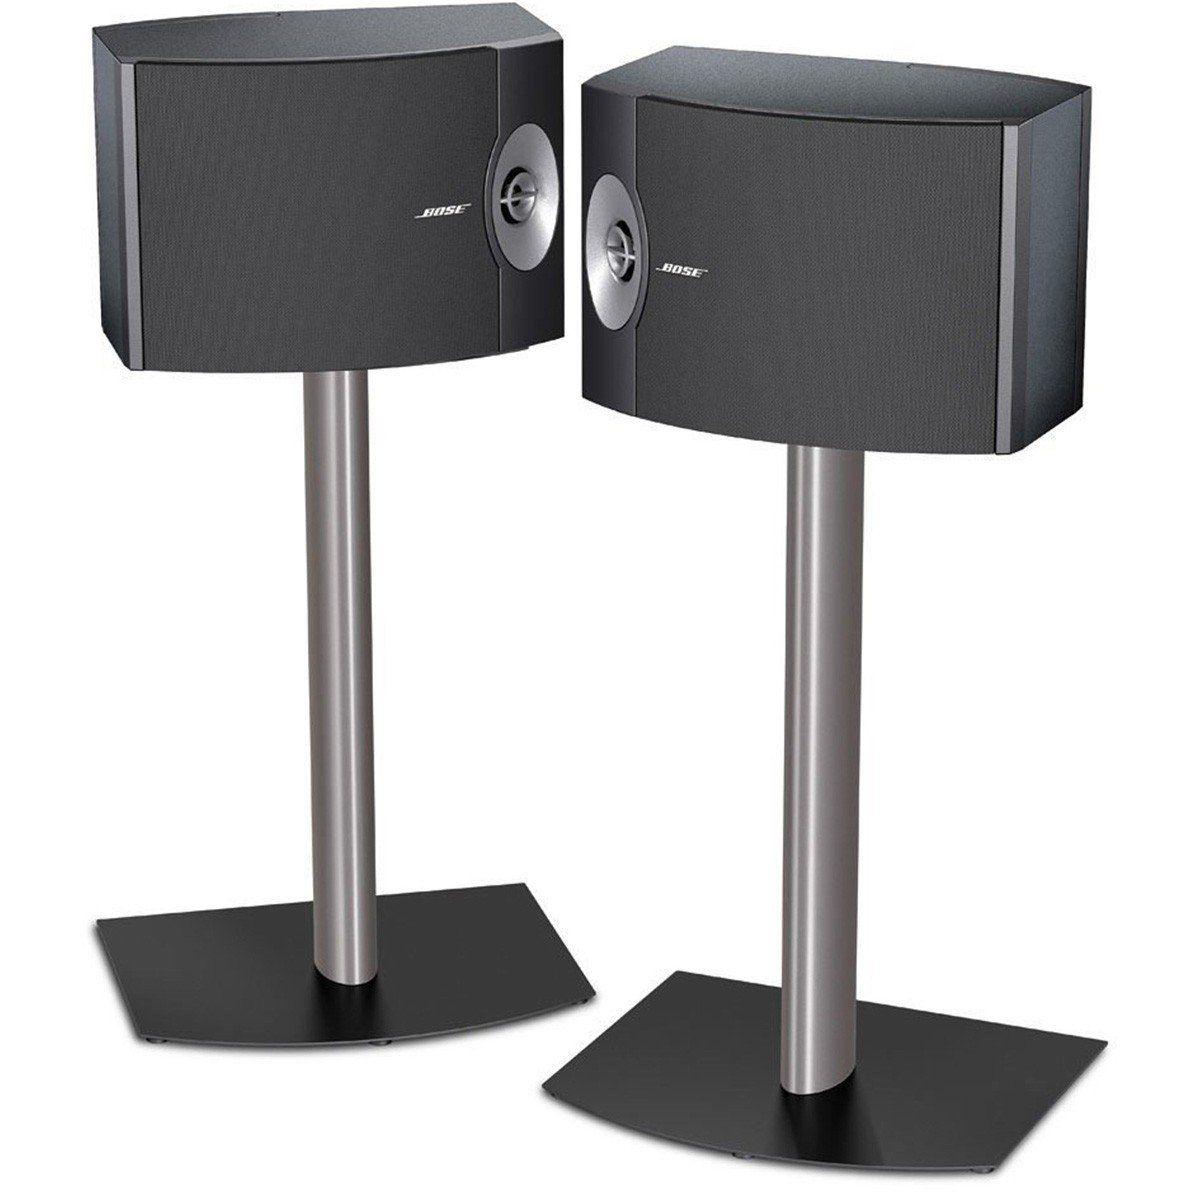 Bose 301 Serie V Caixa Acústica para Home Theater